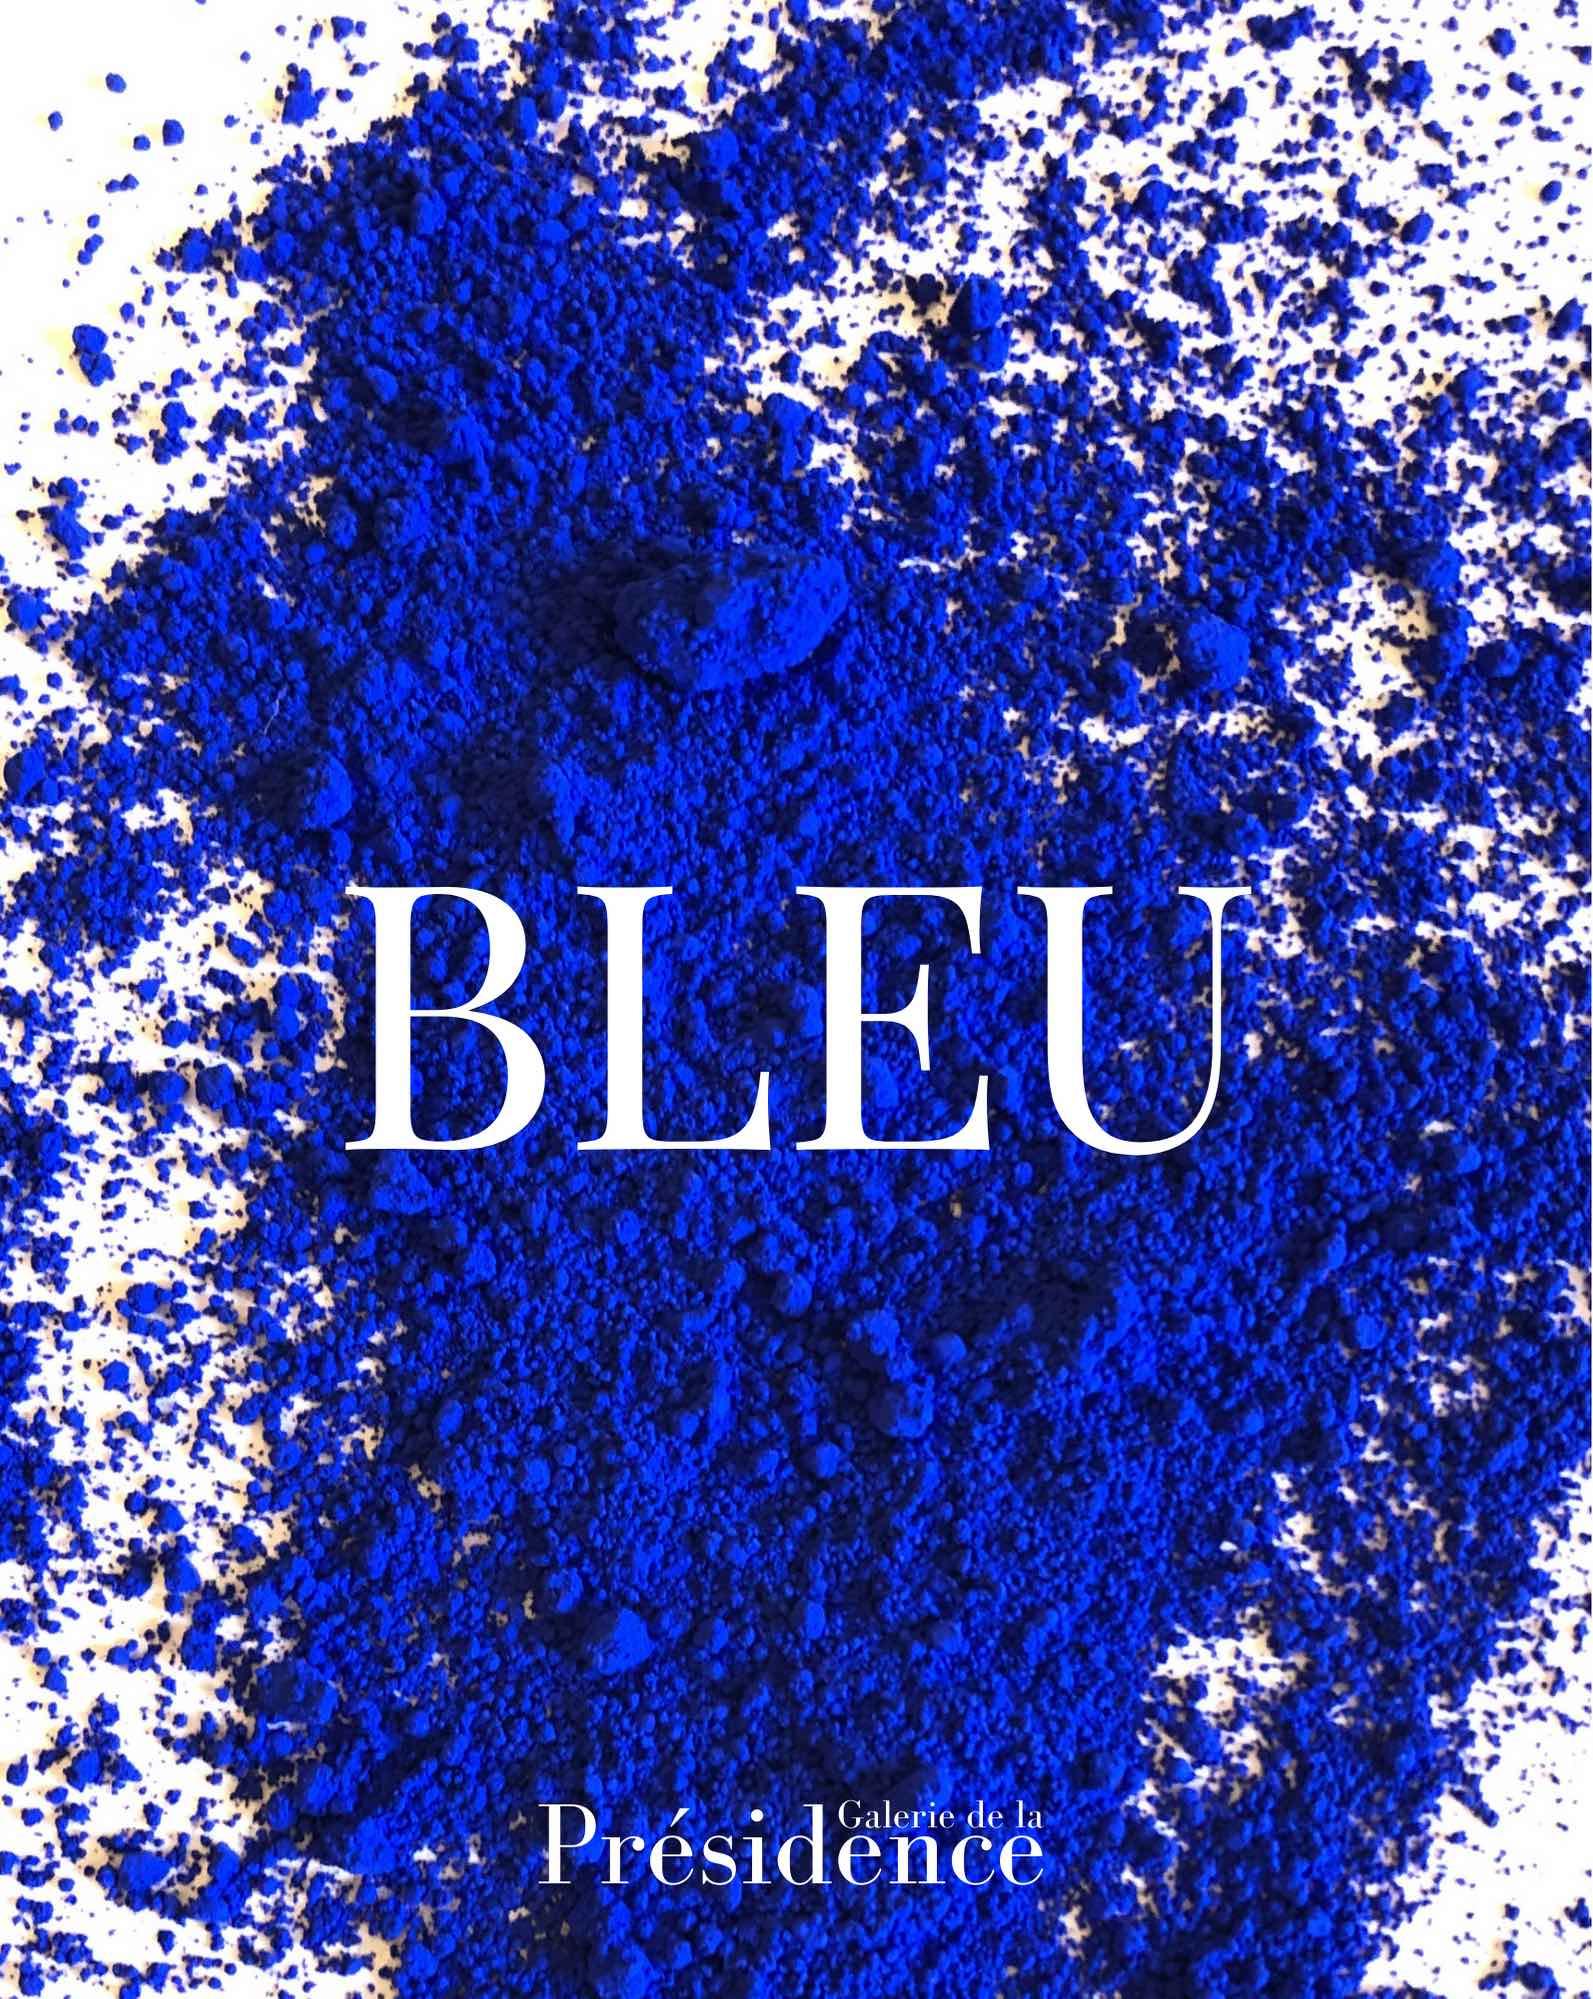 Catalogue BLEU, galerie de la Présidence, Paris